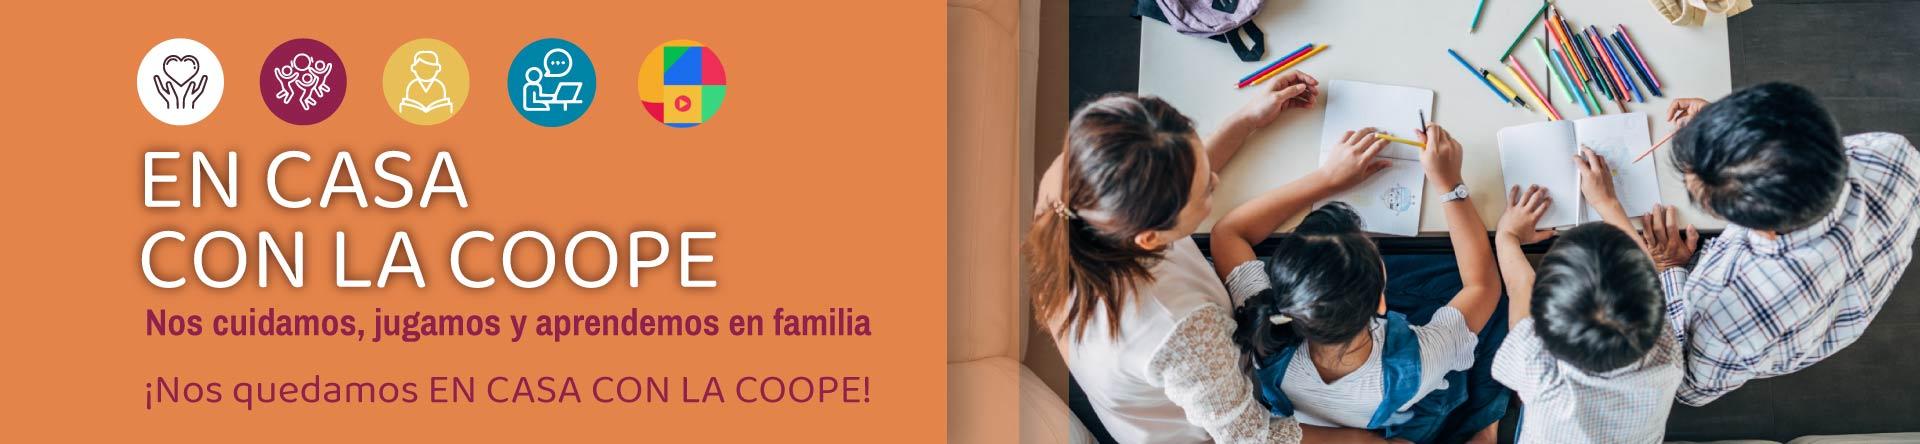 en-casa-con-la-coope_44